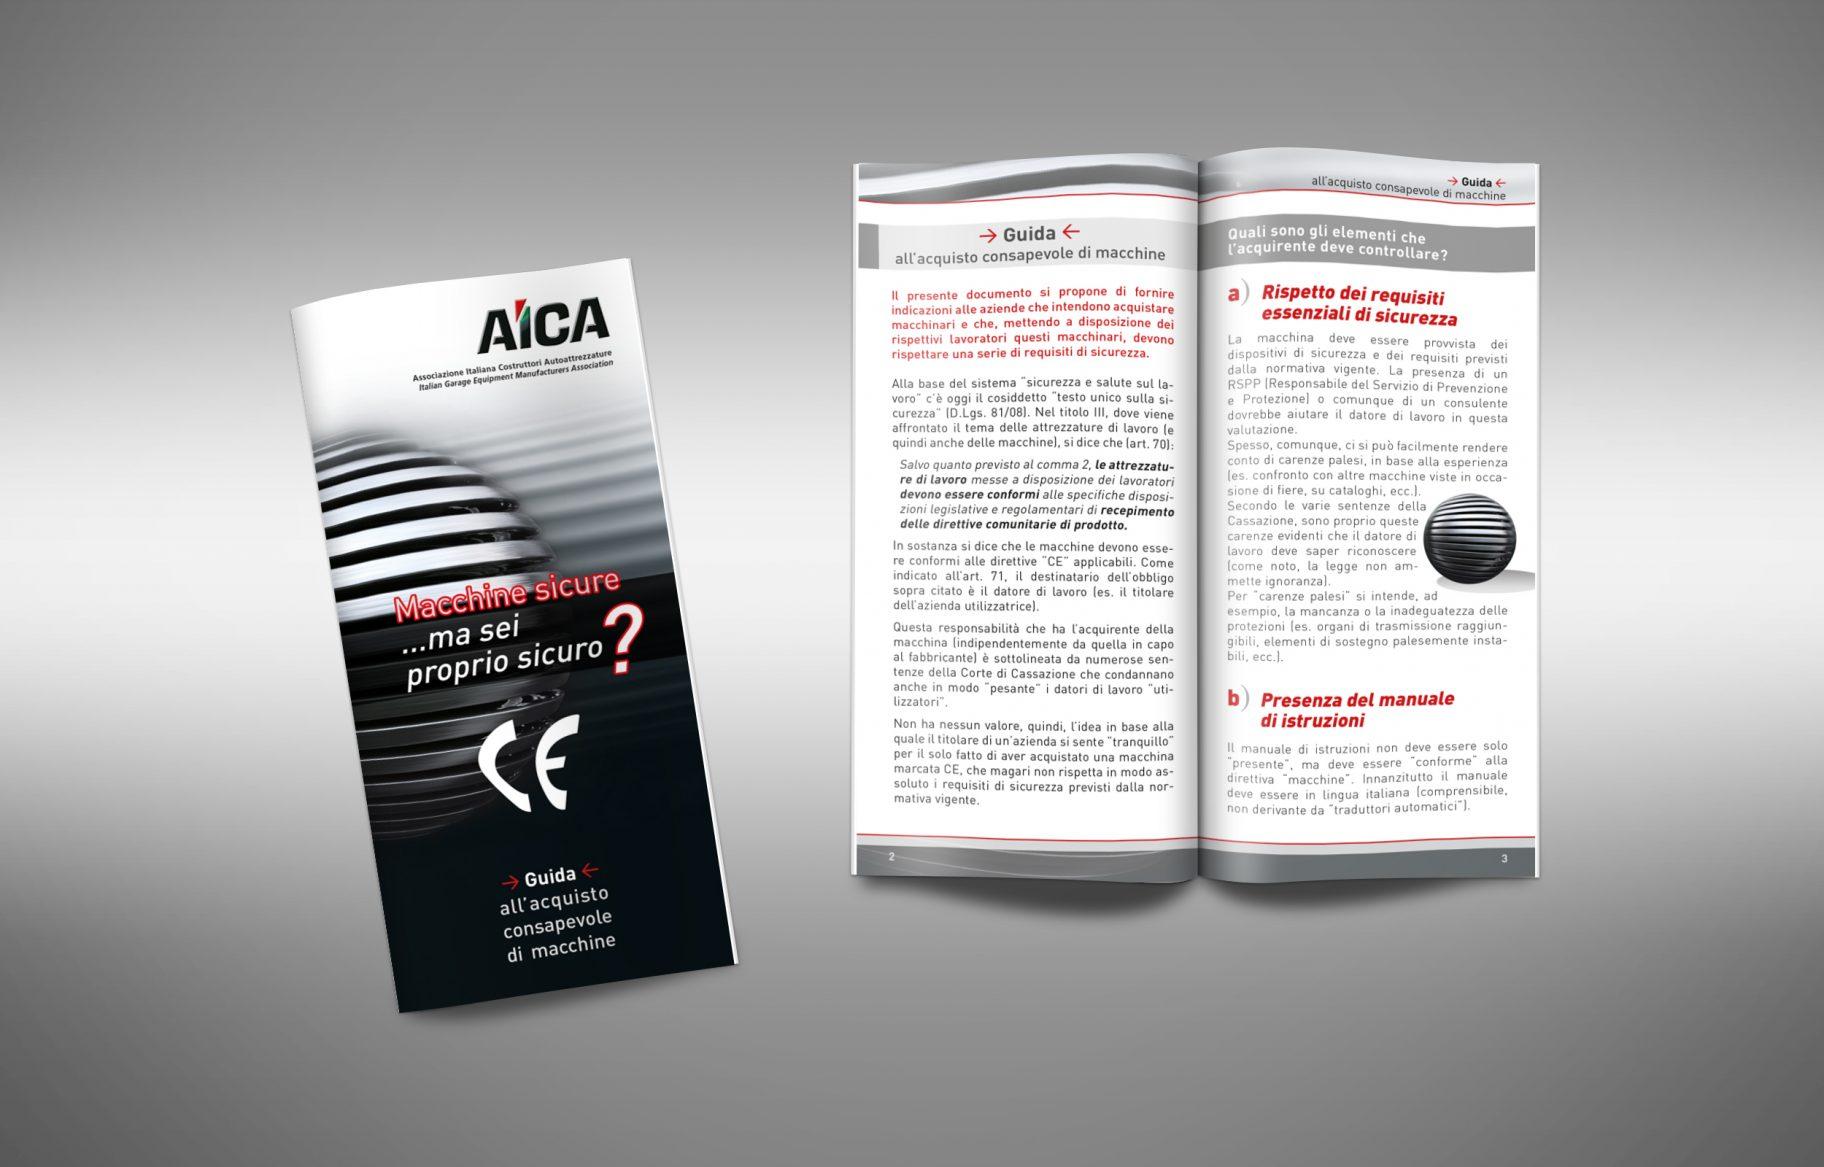 AICA 2011_Brochure-Opuscolo-guida